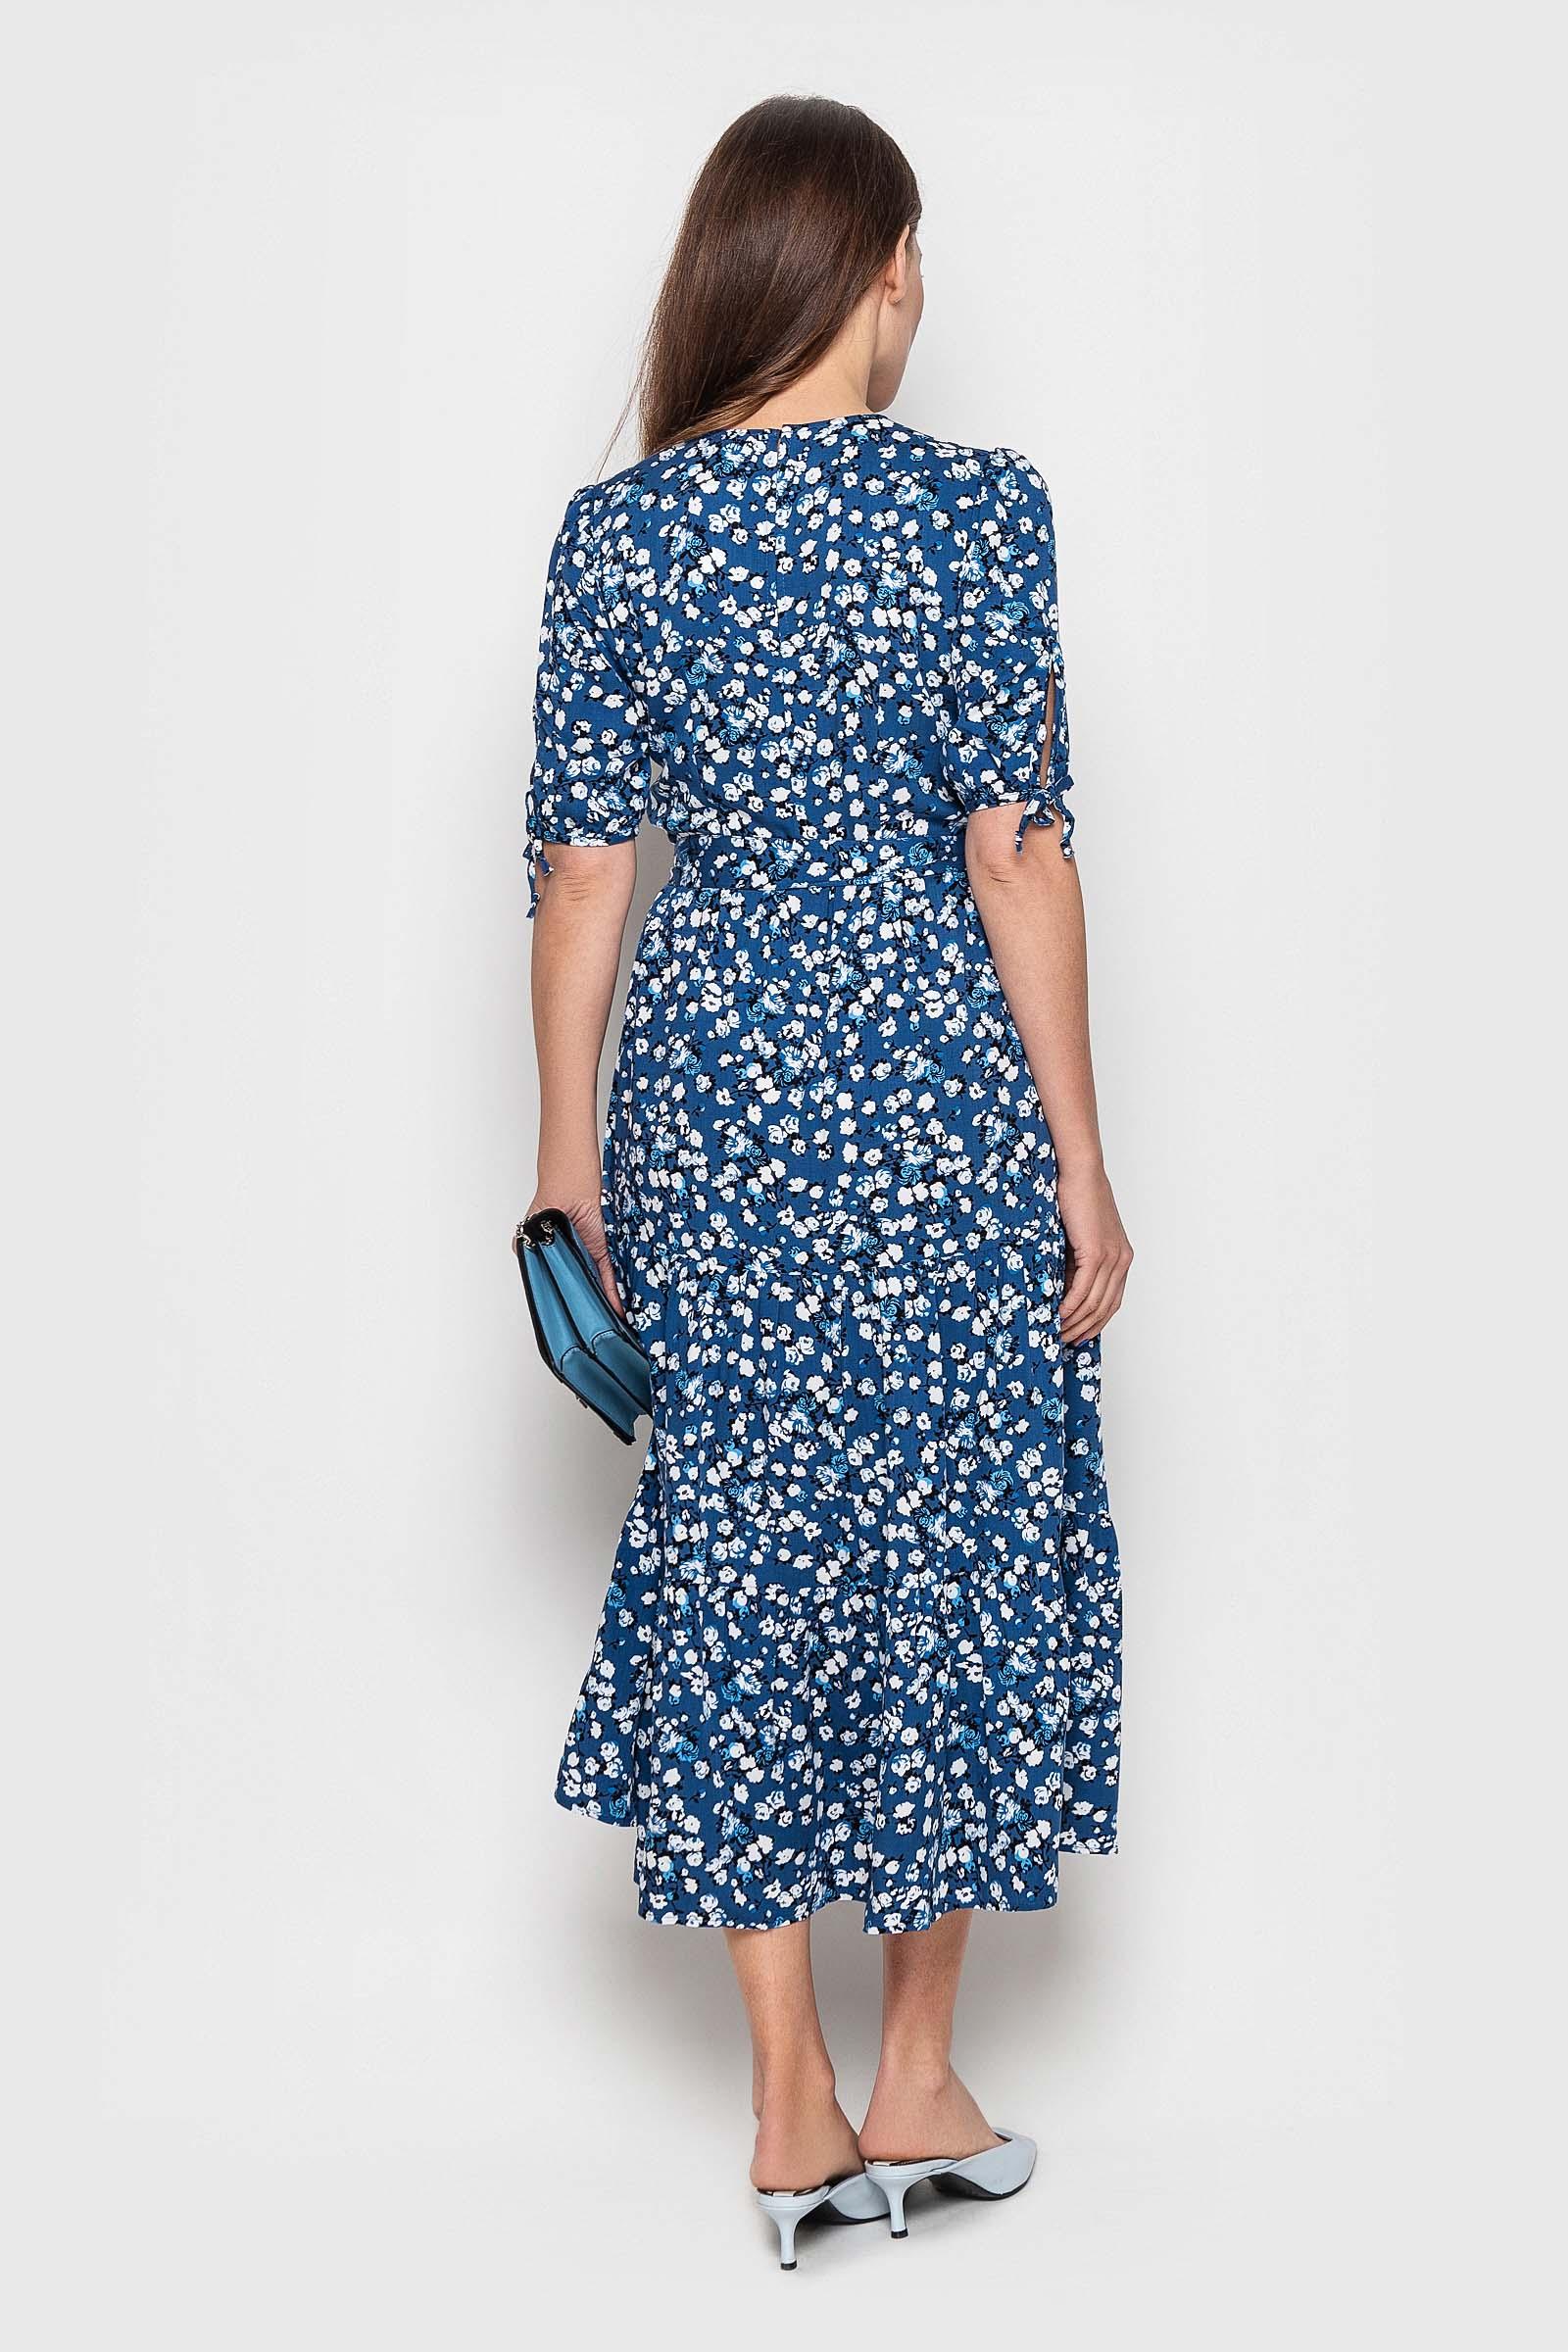 2021 04 10 poltava32014 Купить платье